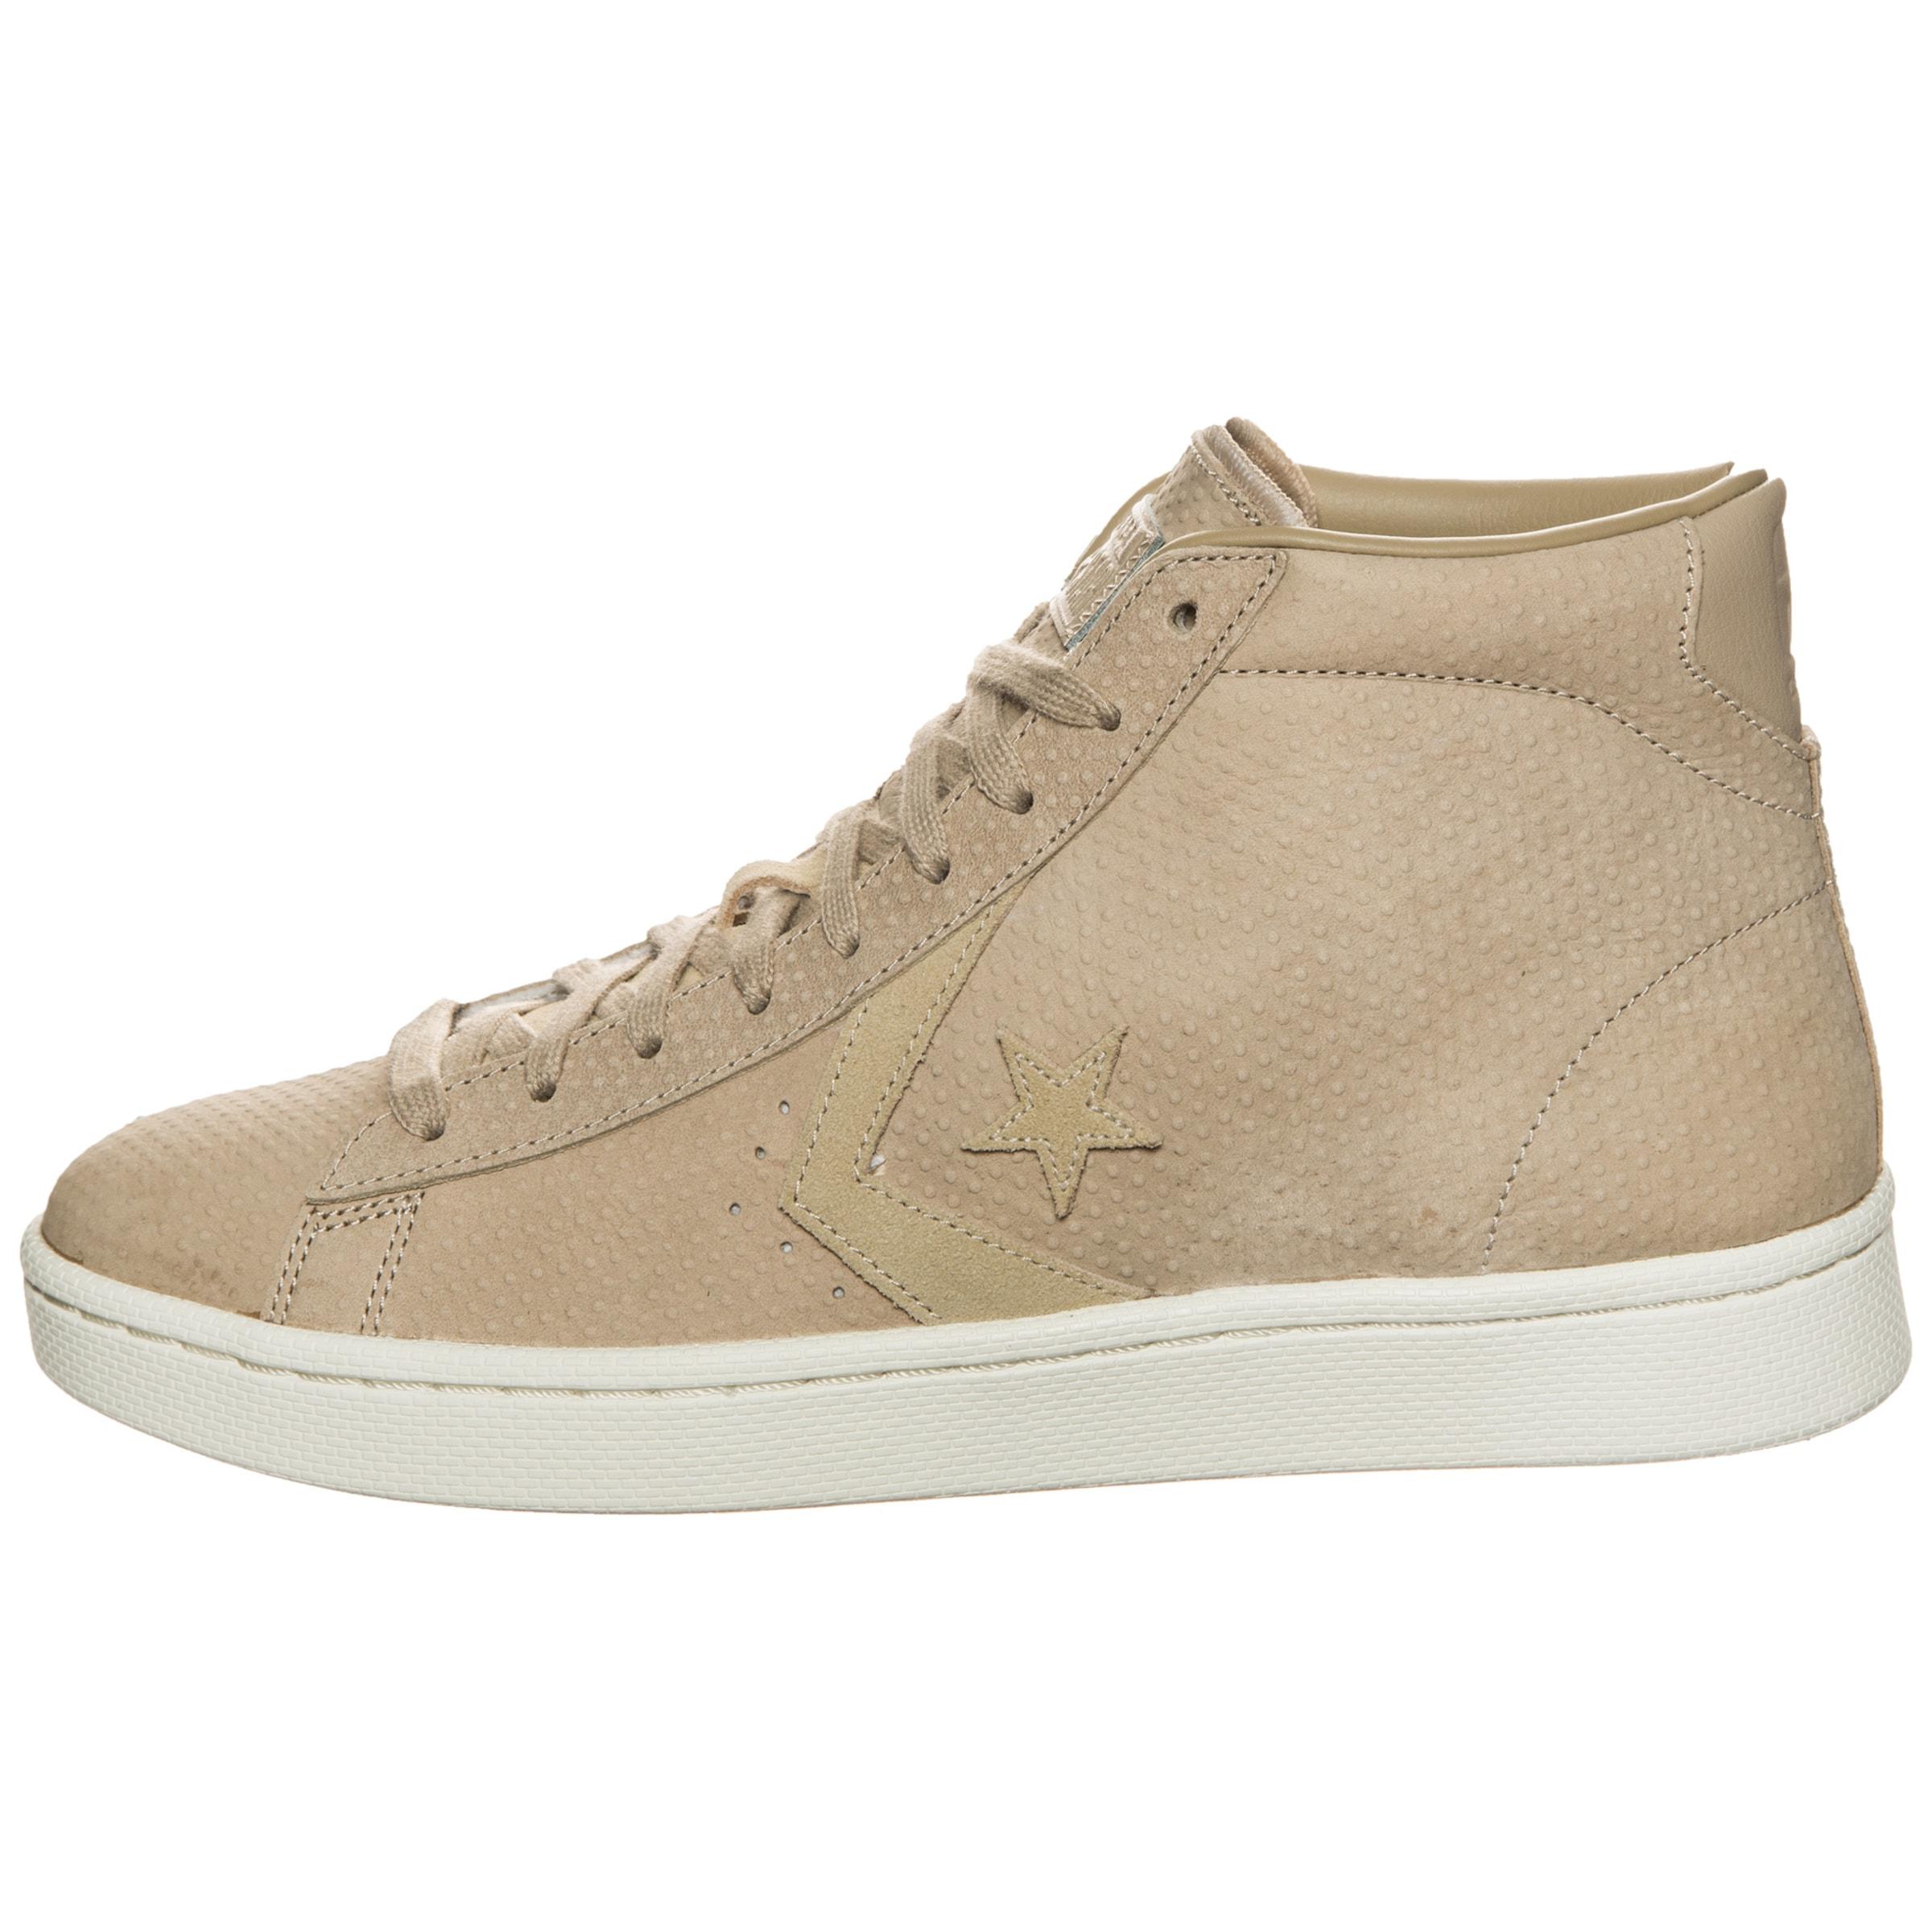 Lux Hautes Converse Beige En 76 Mid' Baskets Leather 'pro On8Nwv0m